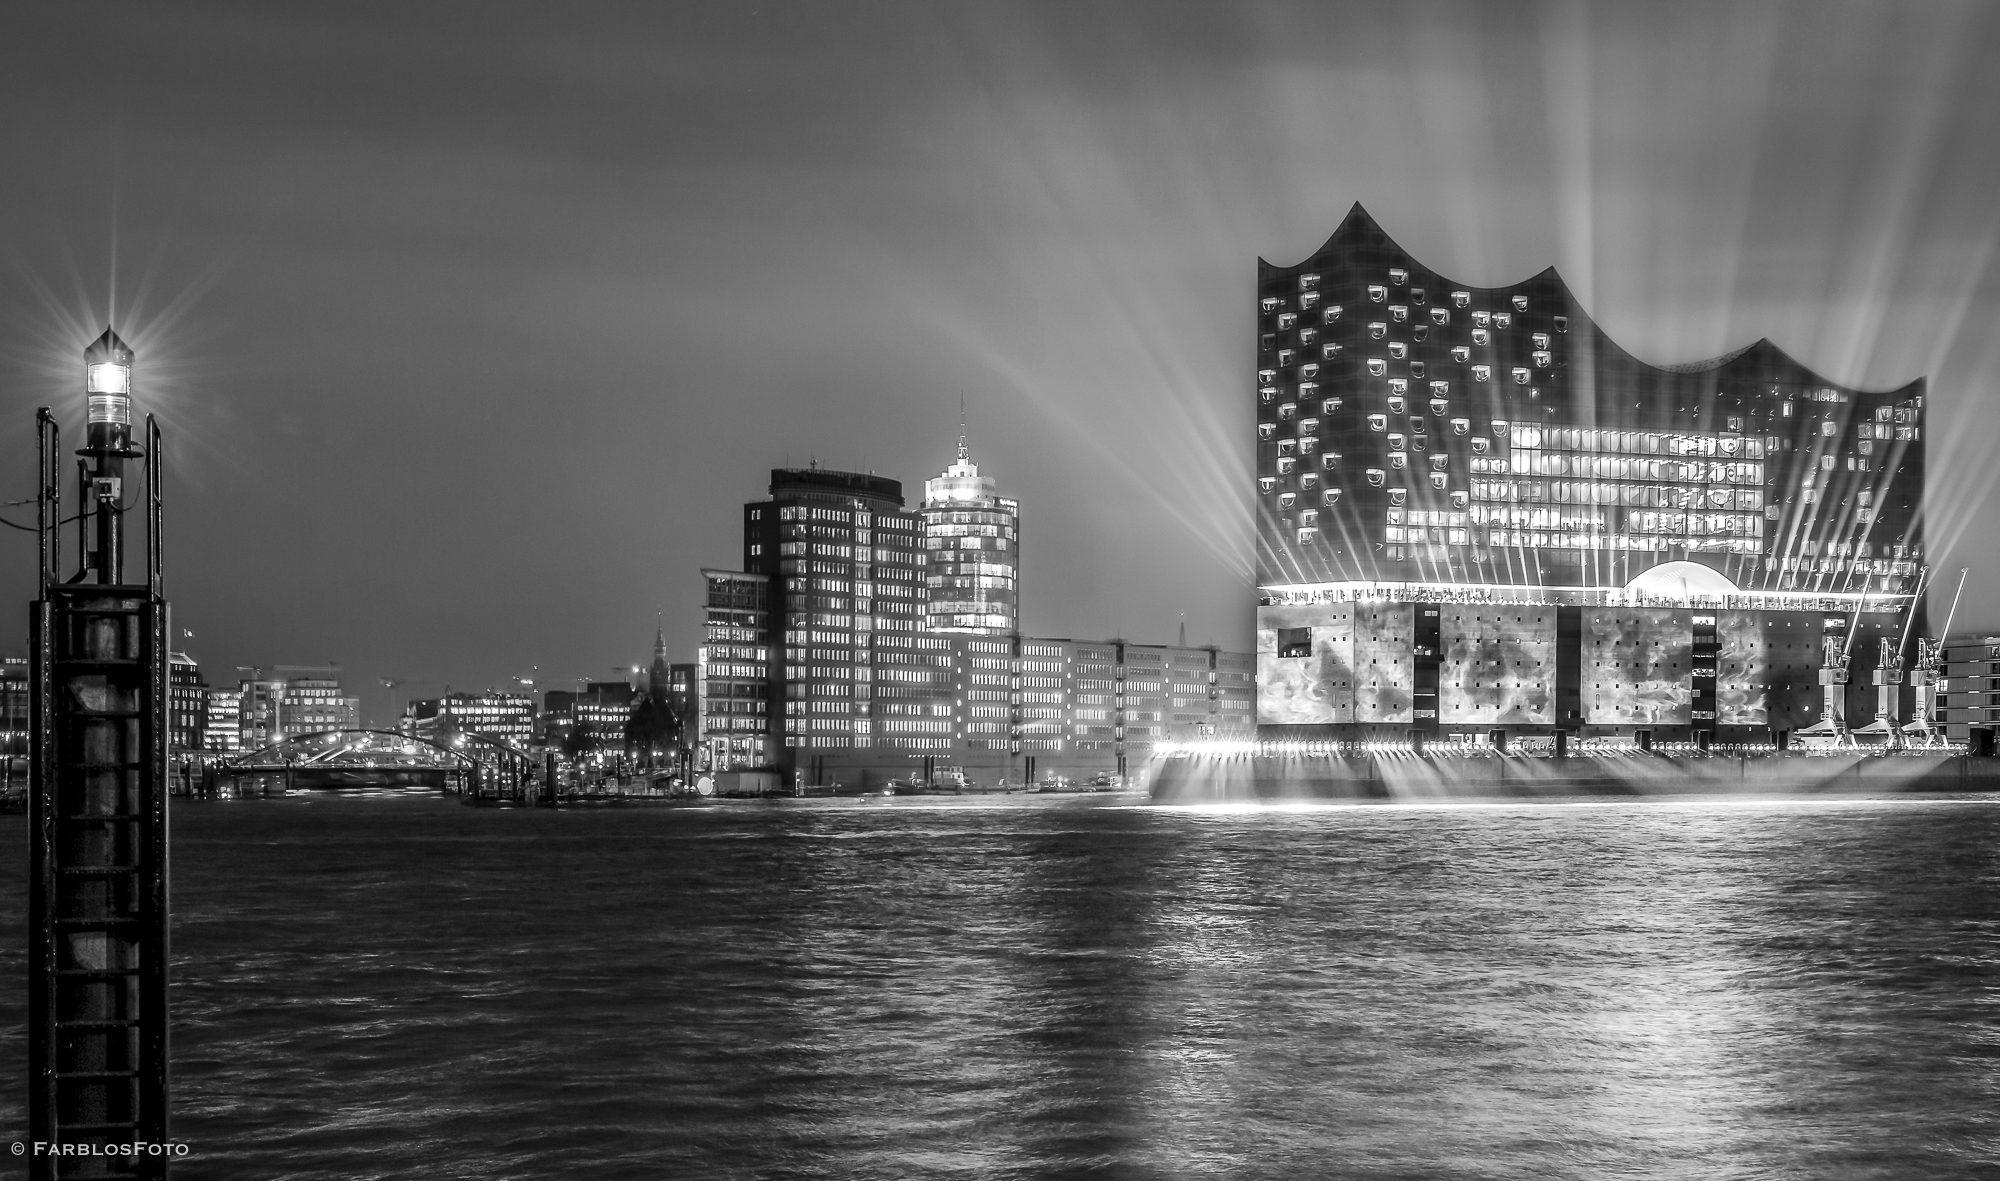 Eröffnung der Elbphilharmonie Hamburg